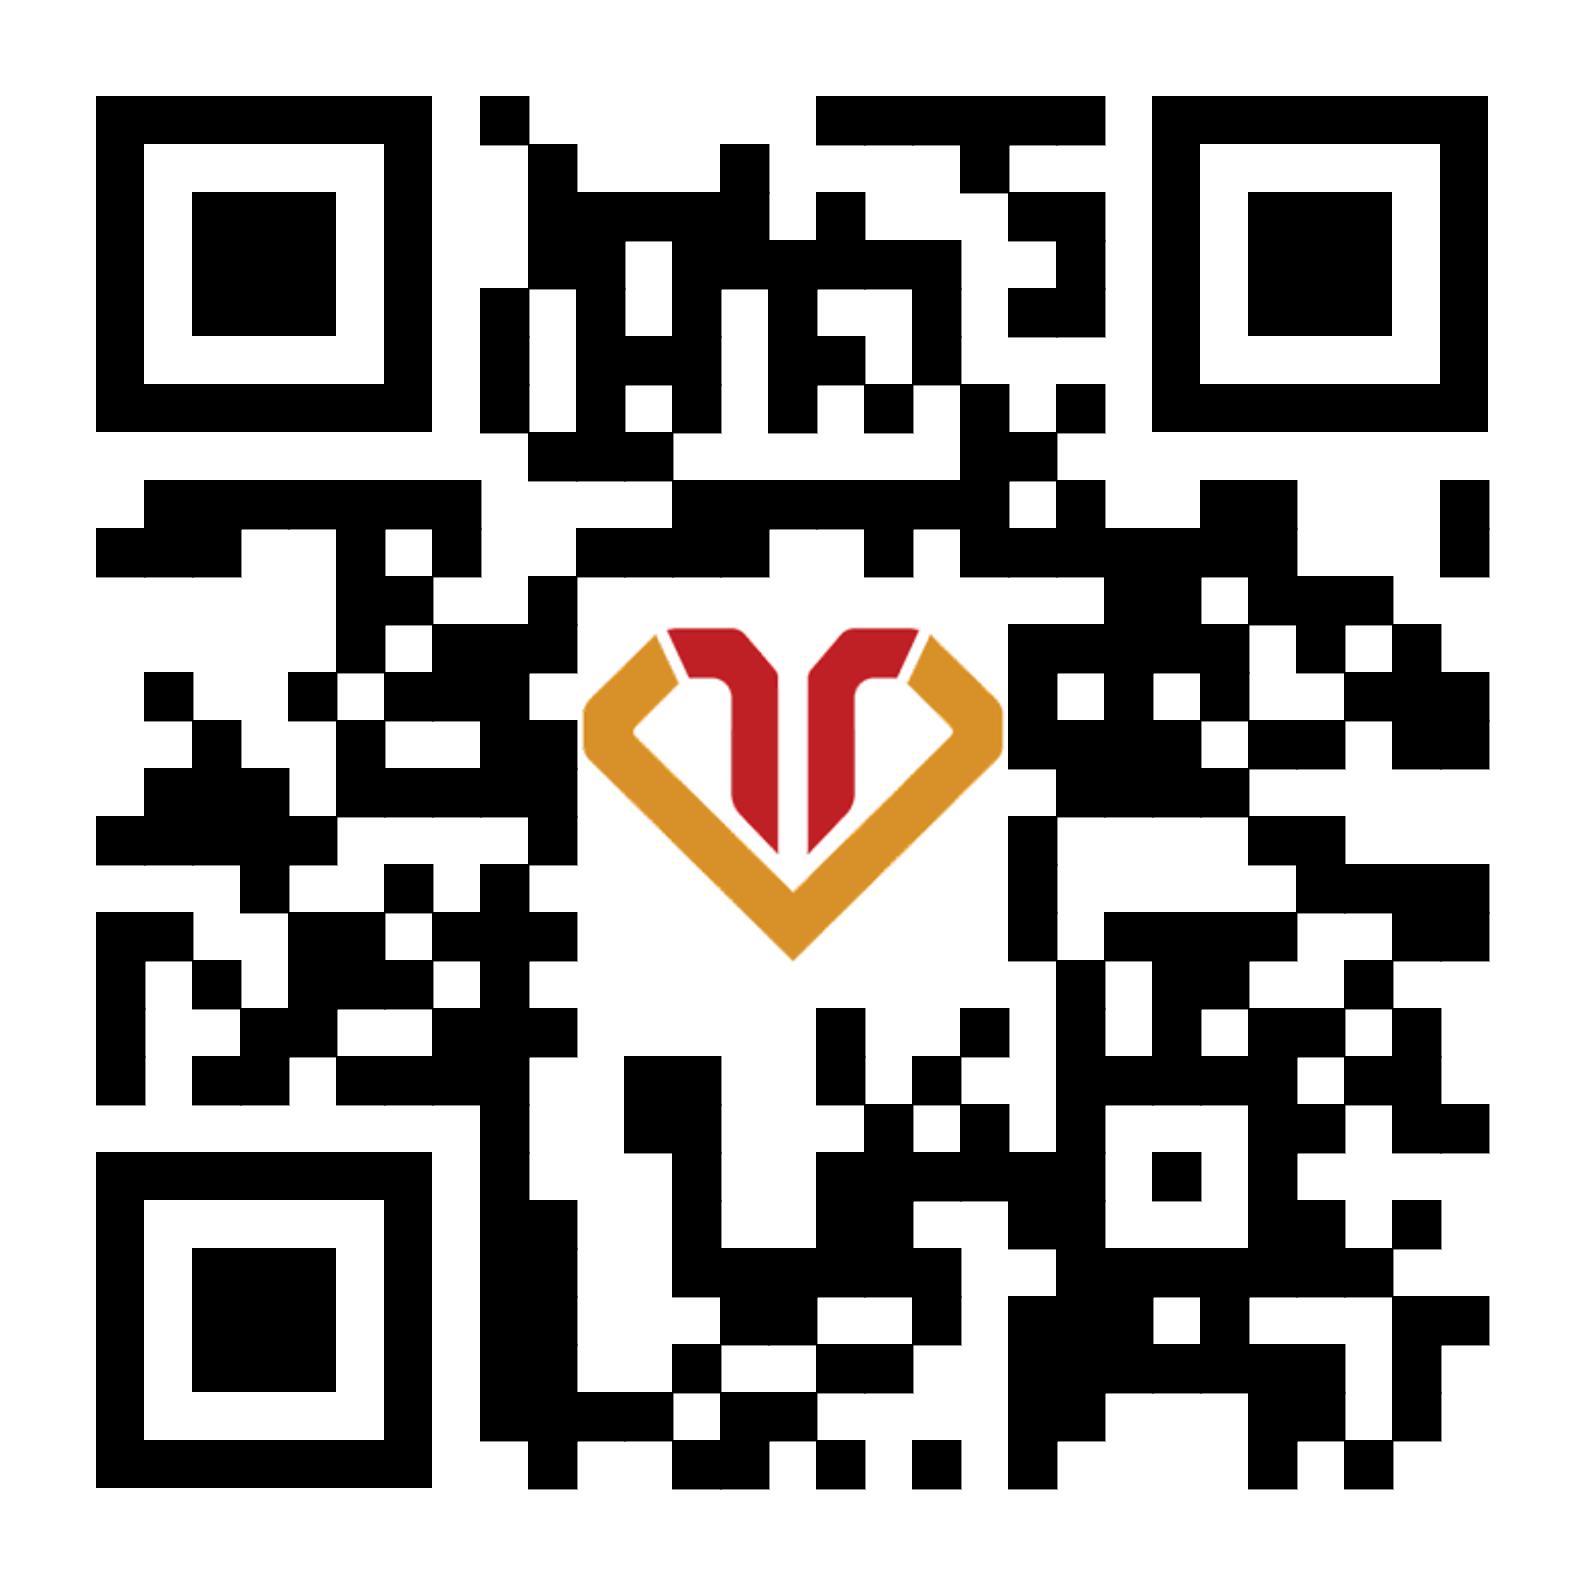 (2021) Hướng dẫn Khai báo y tế online